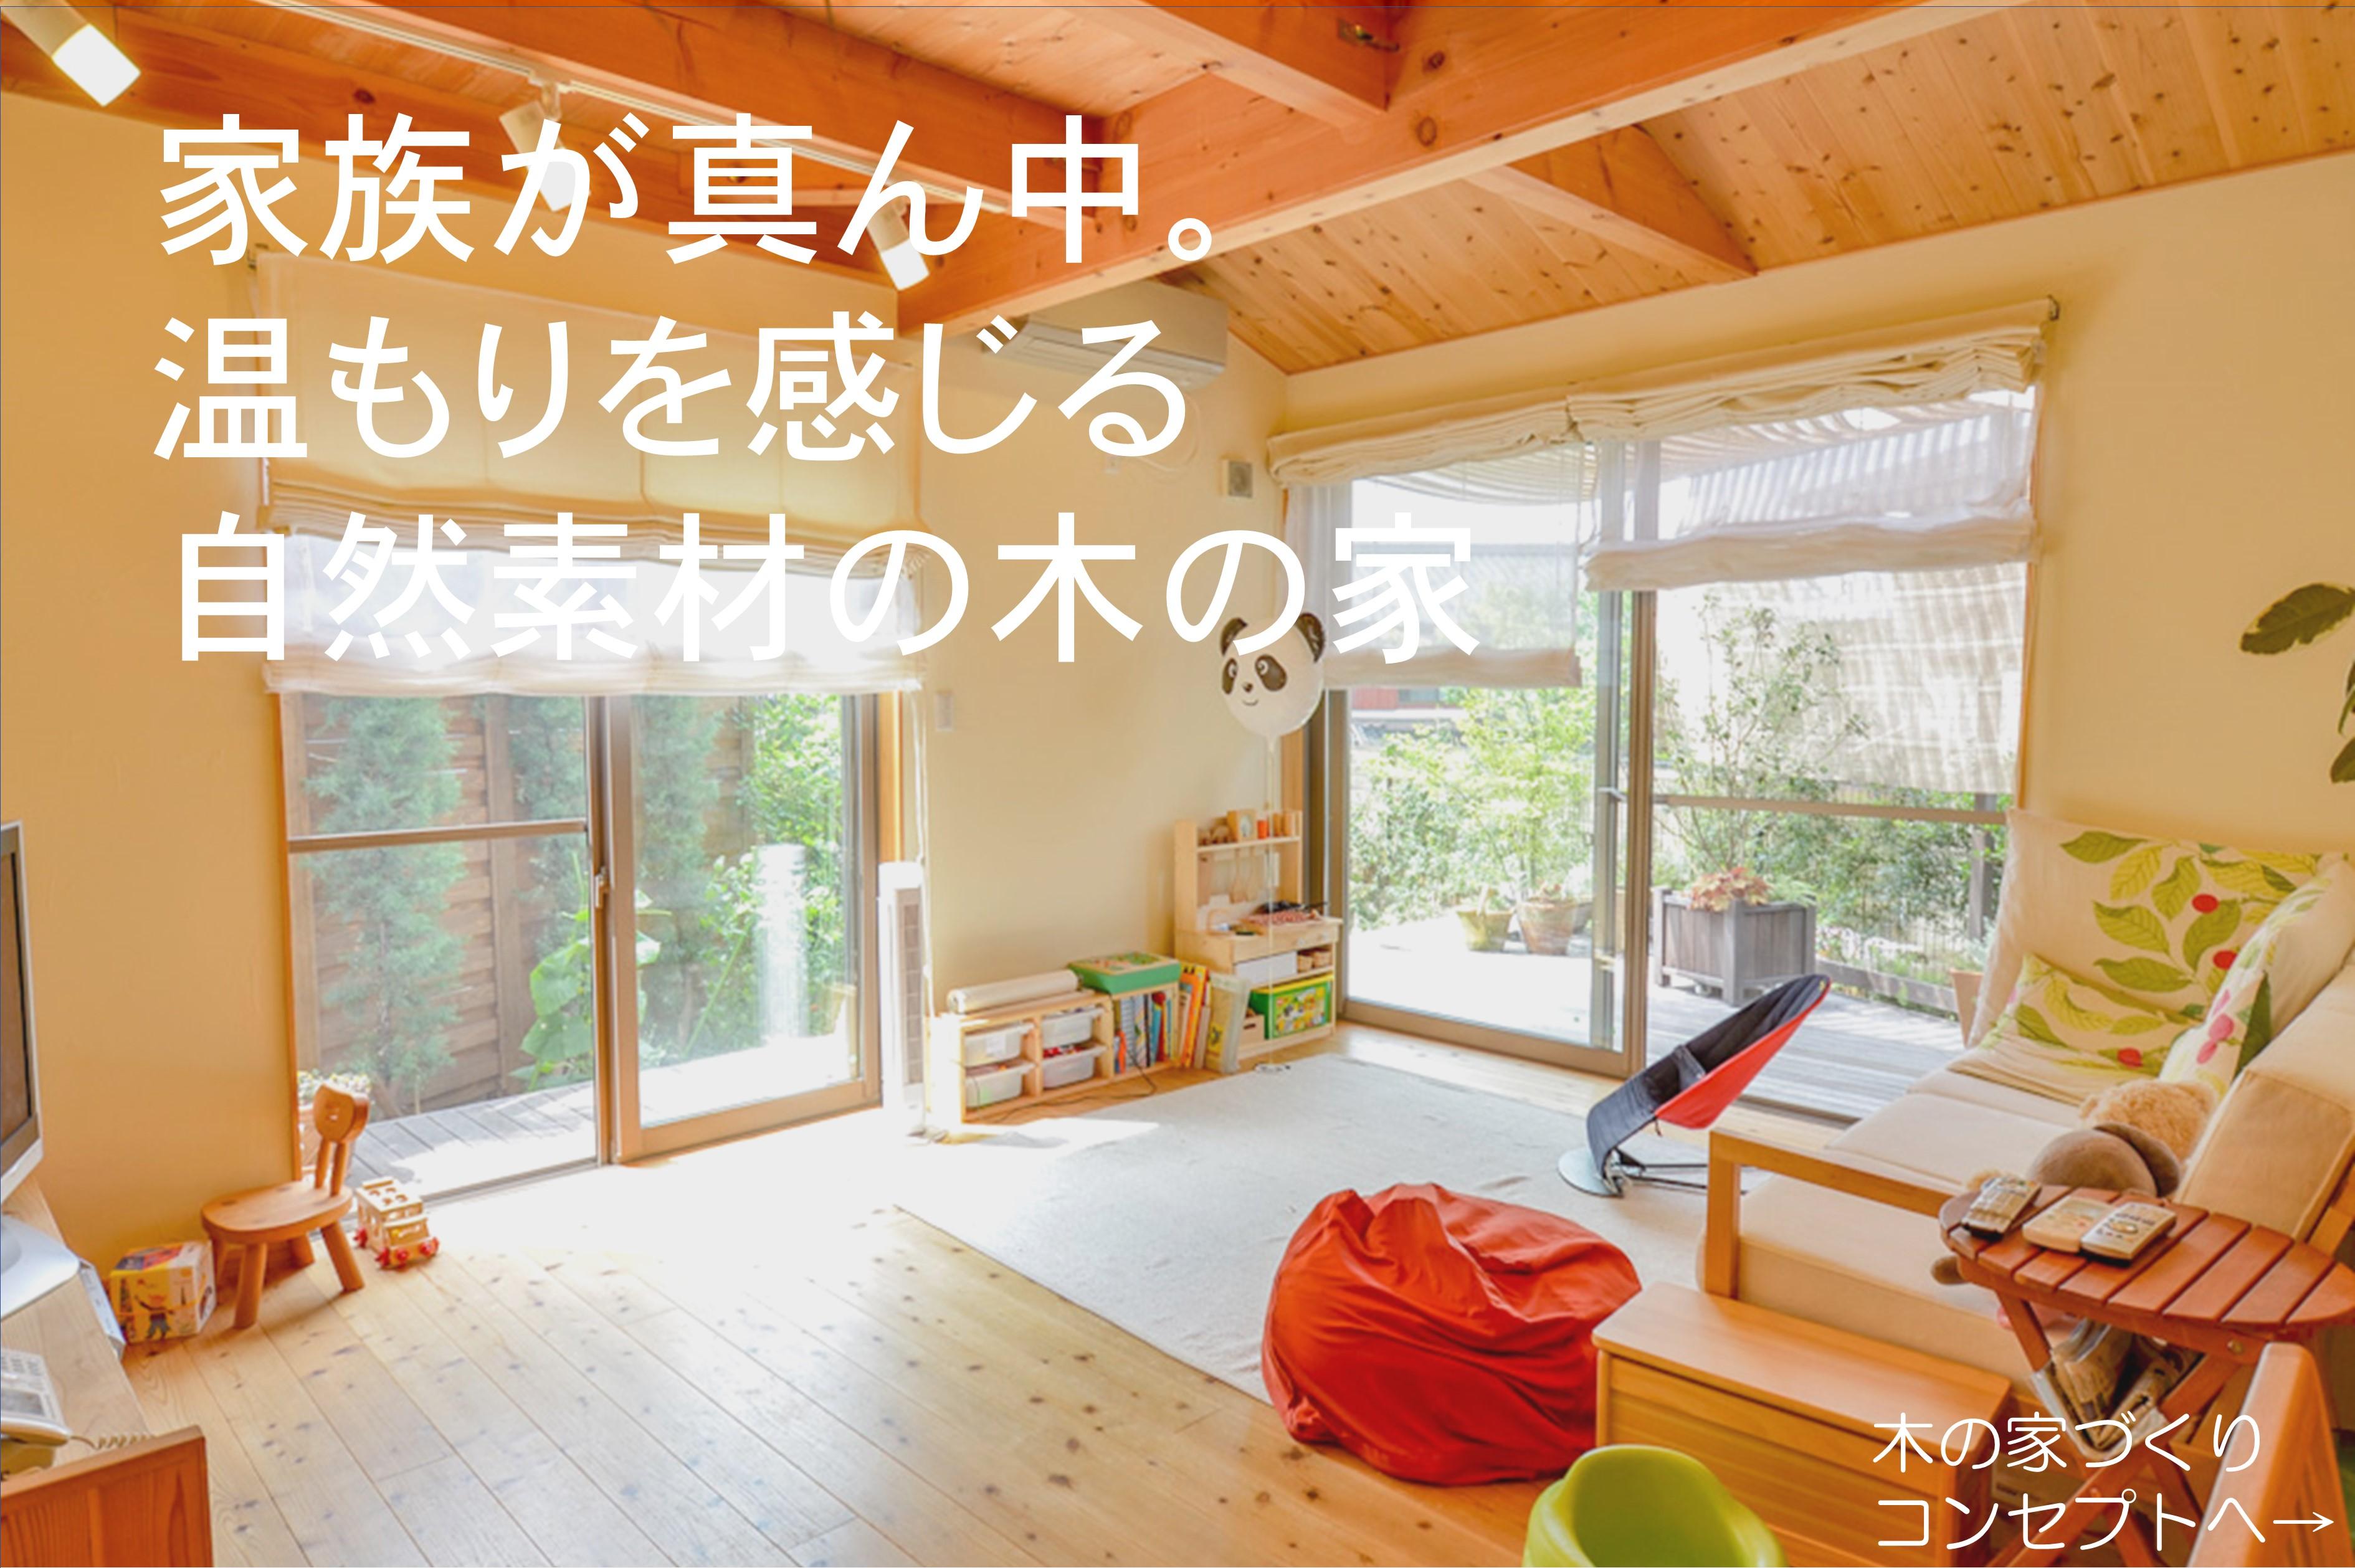 家族が真ん中。滋賀県でシンプルで良質な木の家づくり。はんべ工務店の新築事例はこちら